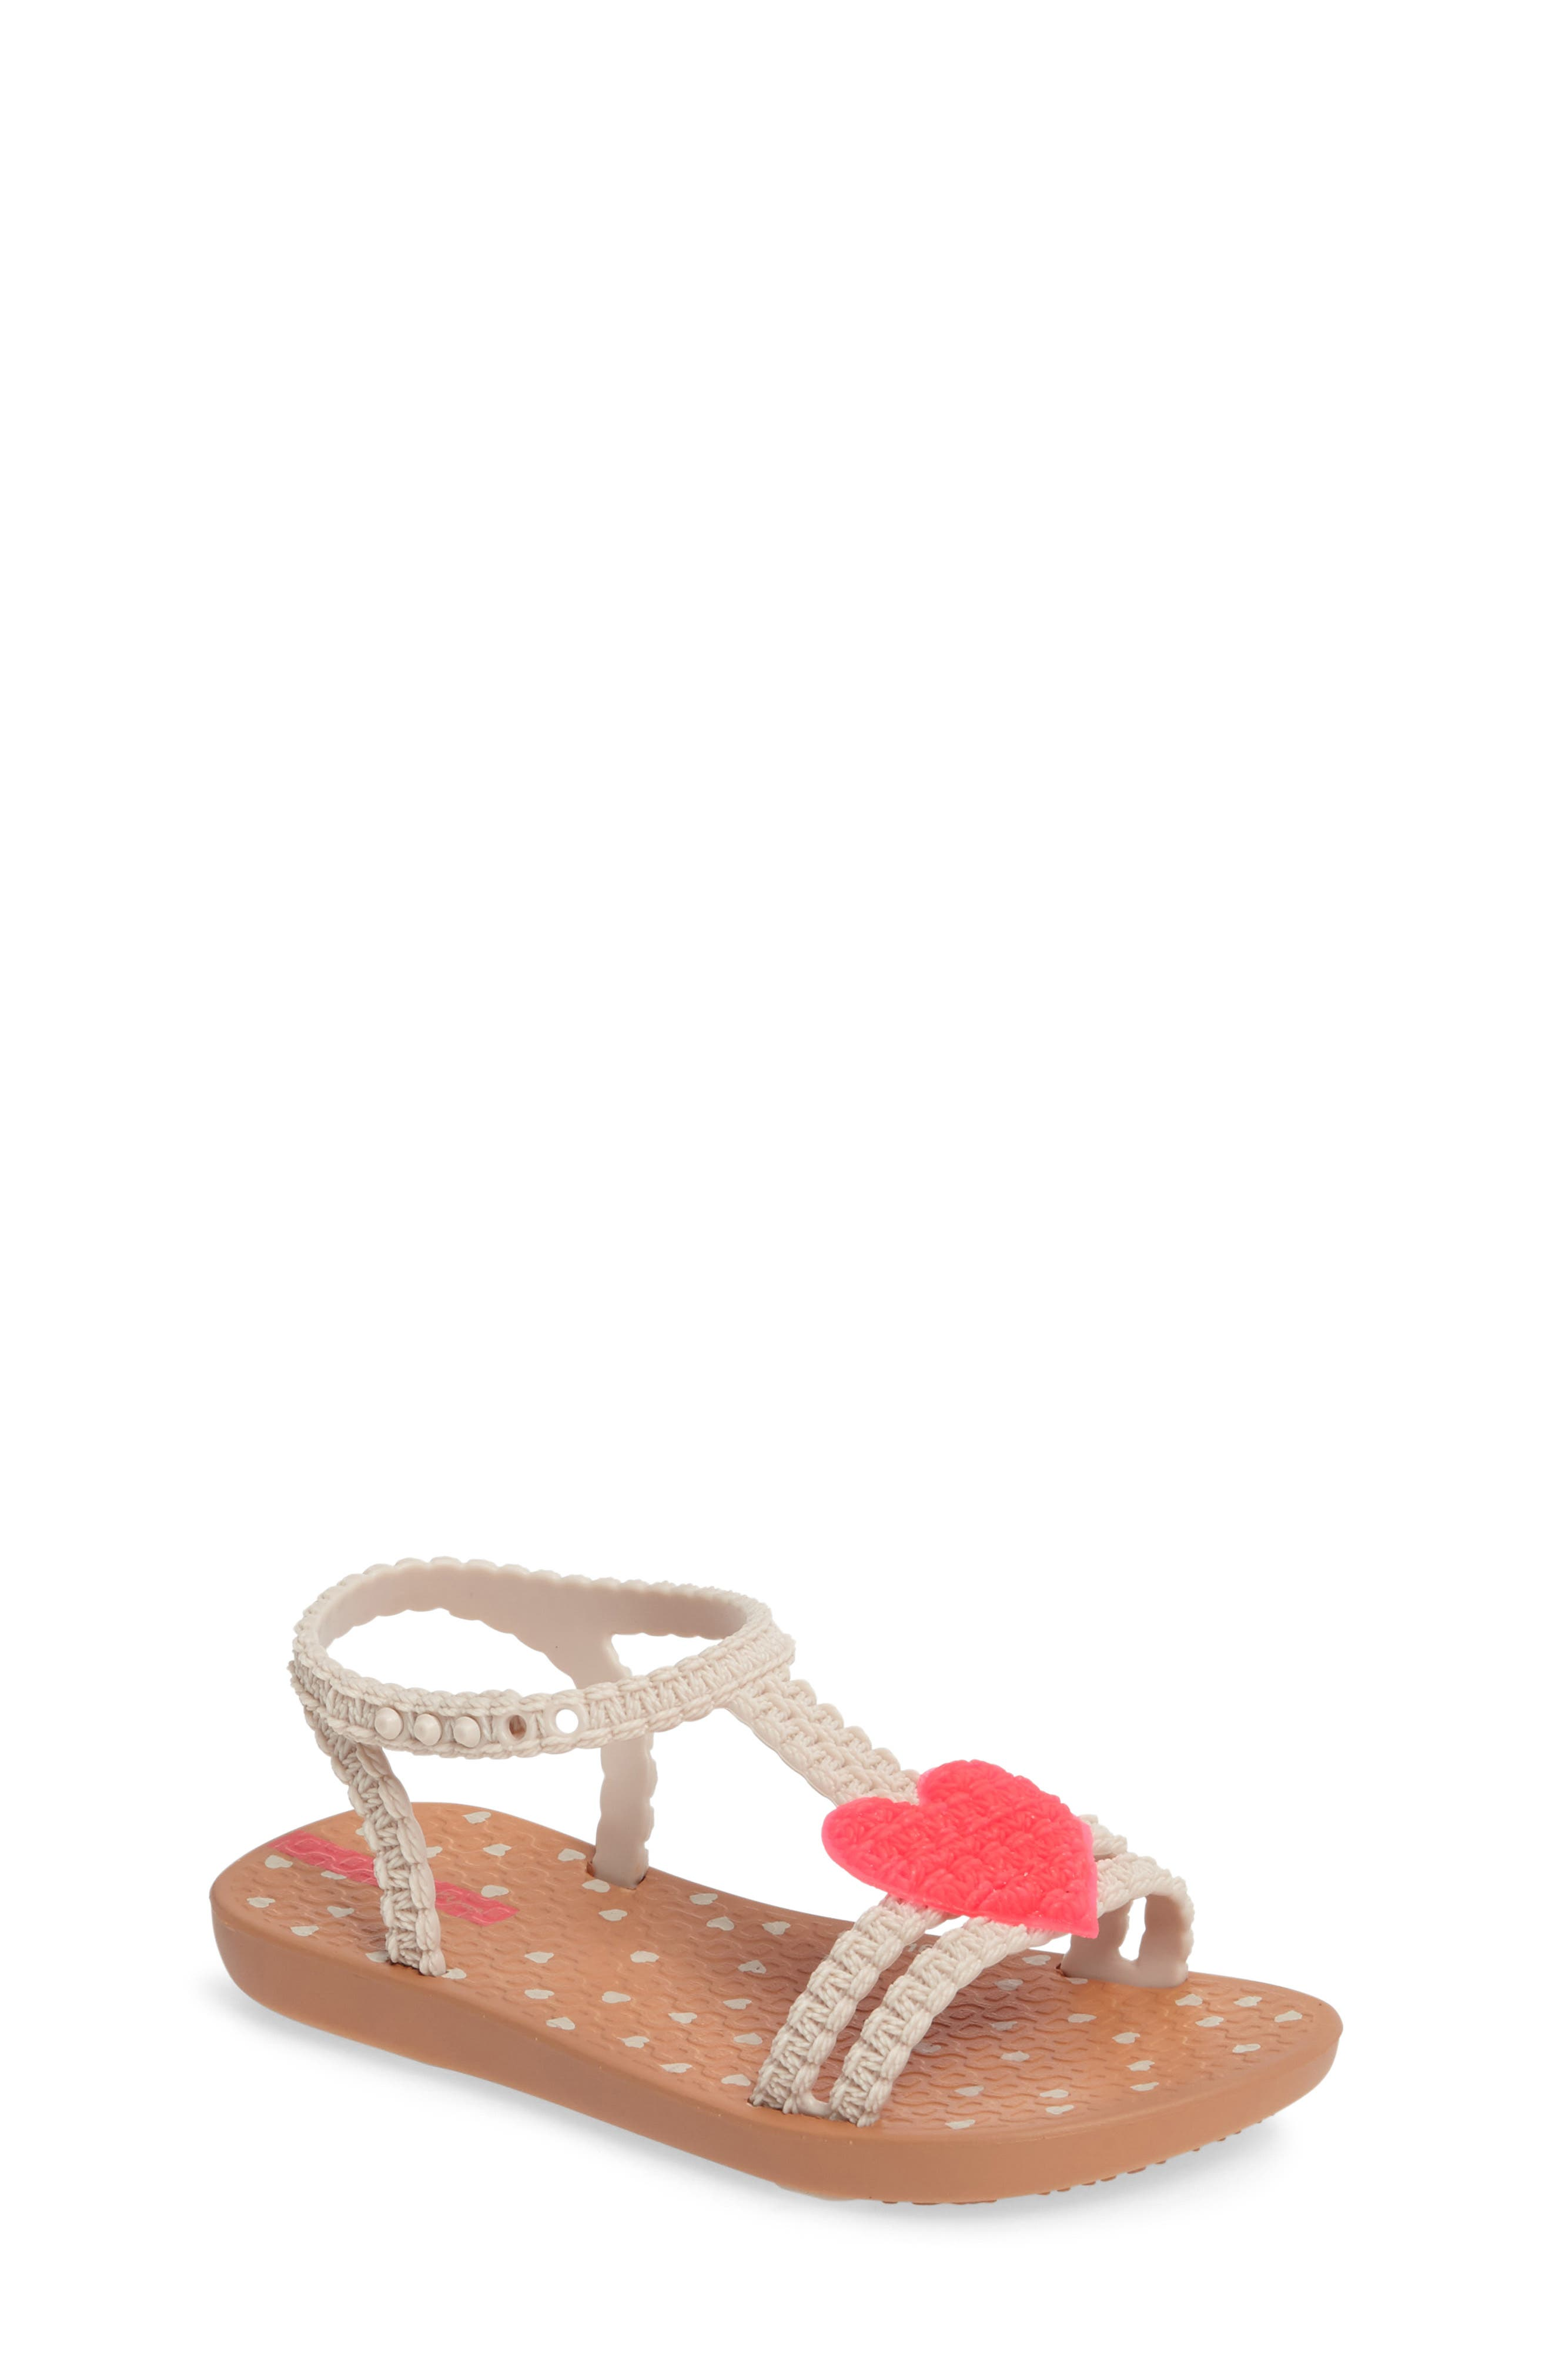 My First Ipanema Sandal,                             Main thumbnail 1, color,                             239